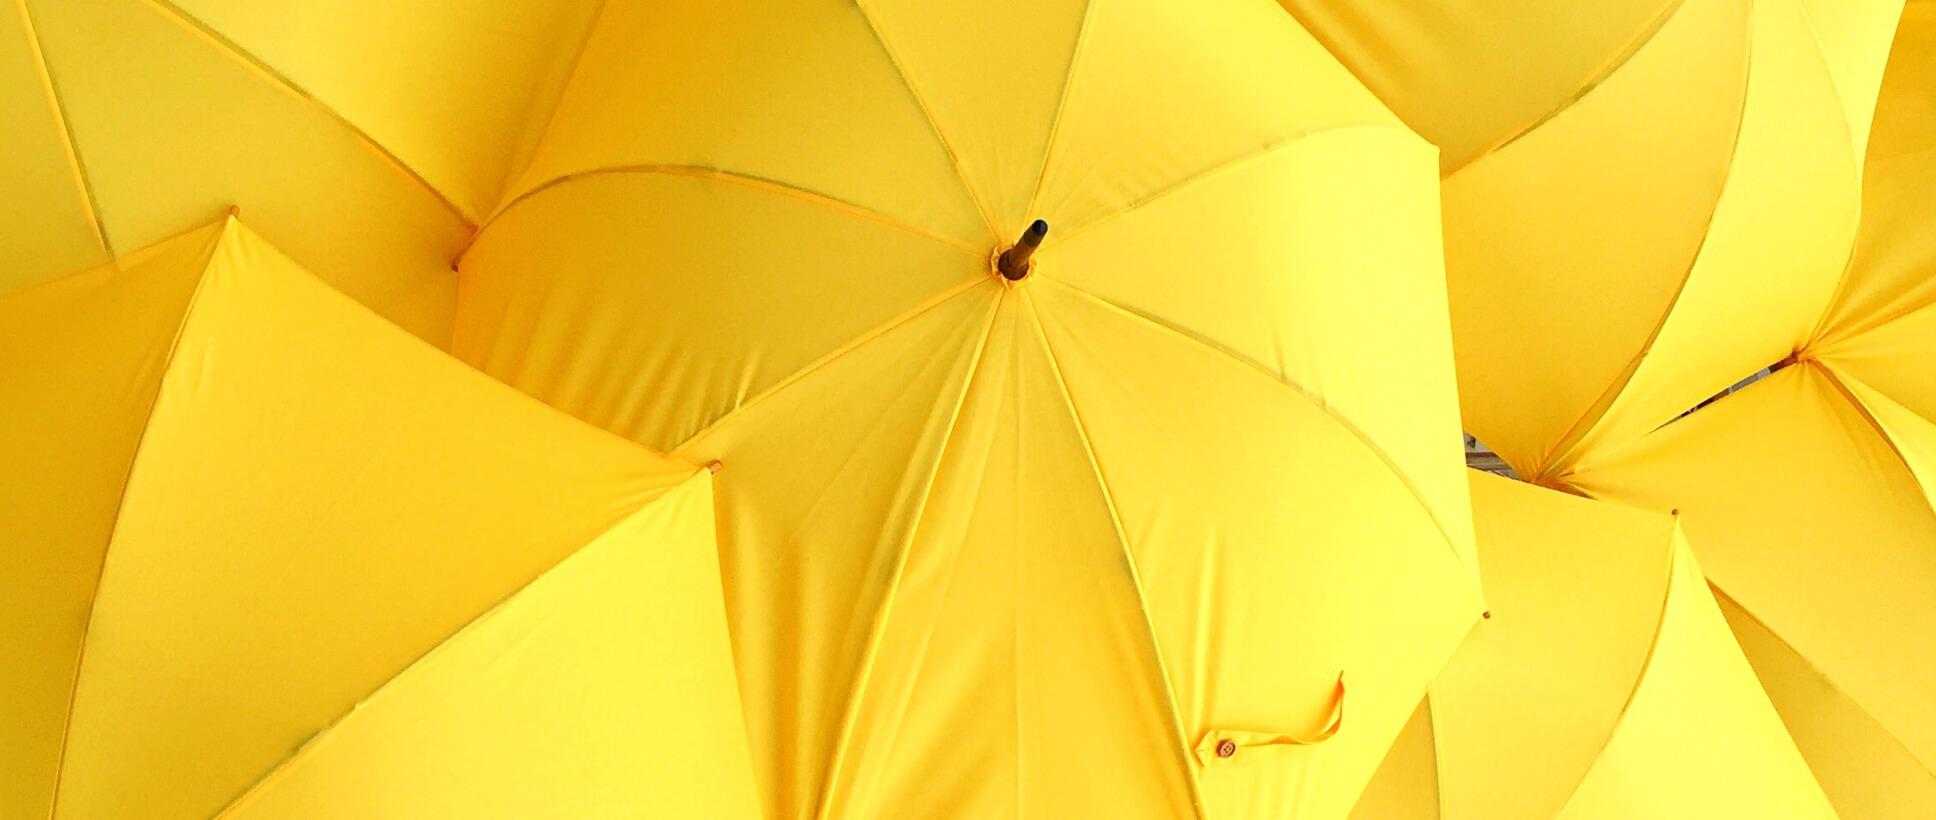 umbrella-mobile